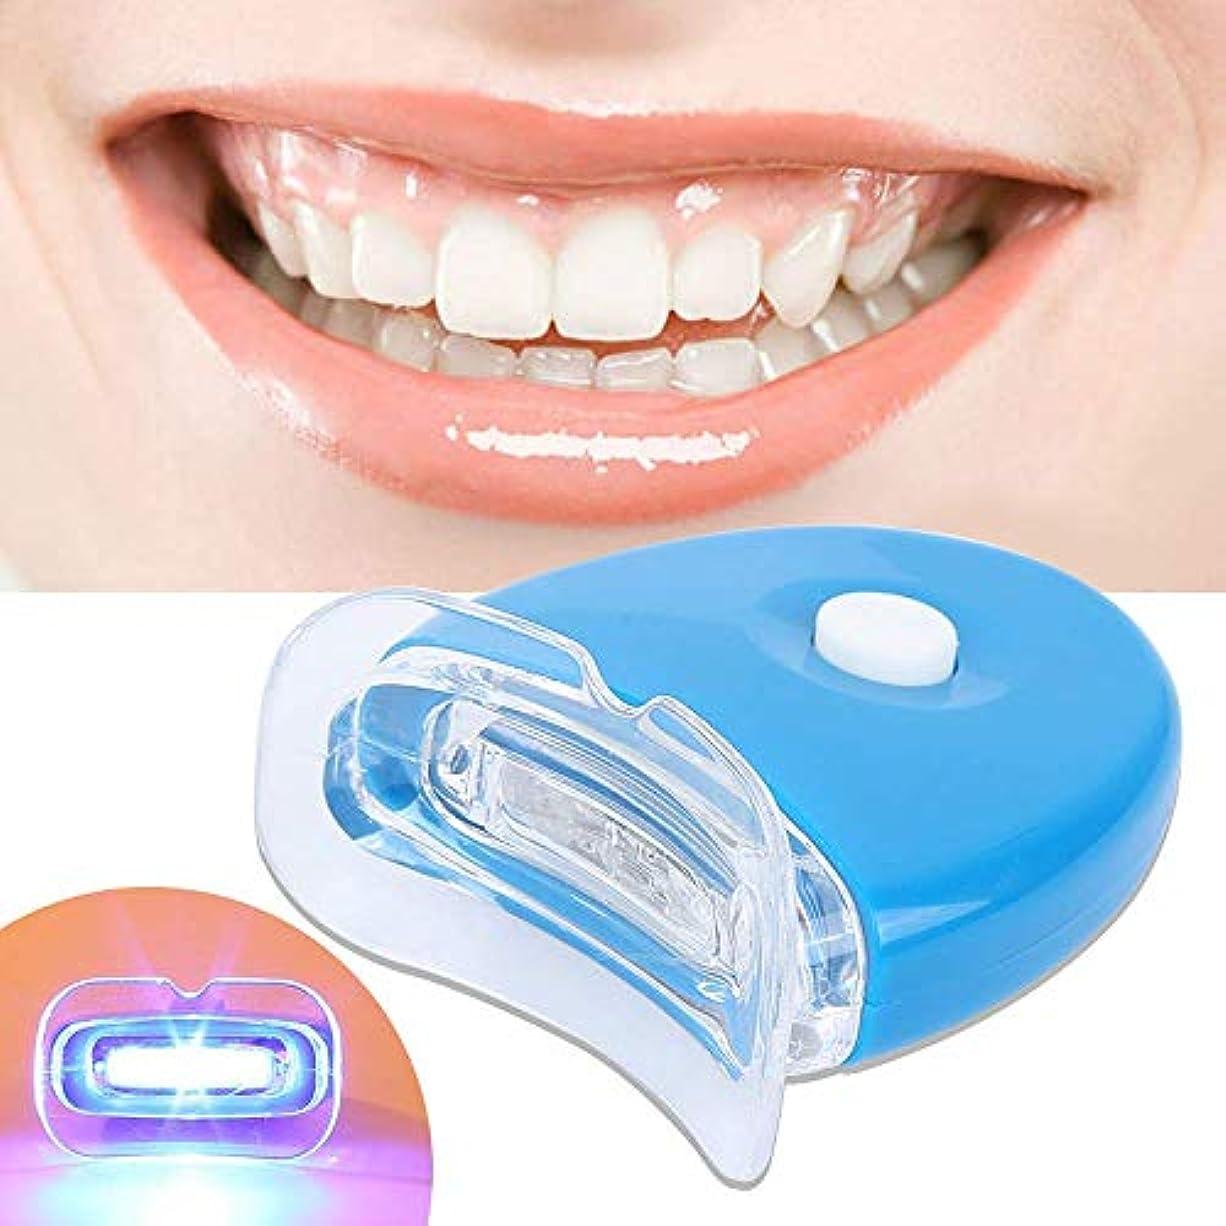 アミューズ用心する遠えオフィスの家の十代の若者たちのための歯のホワイトナーの心配の健康な歯科白くなるLEDライトを白くする歯